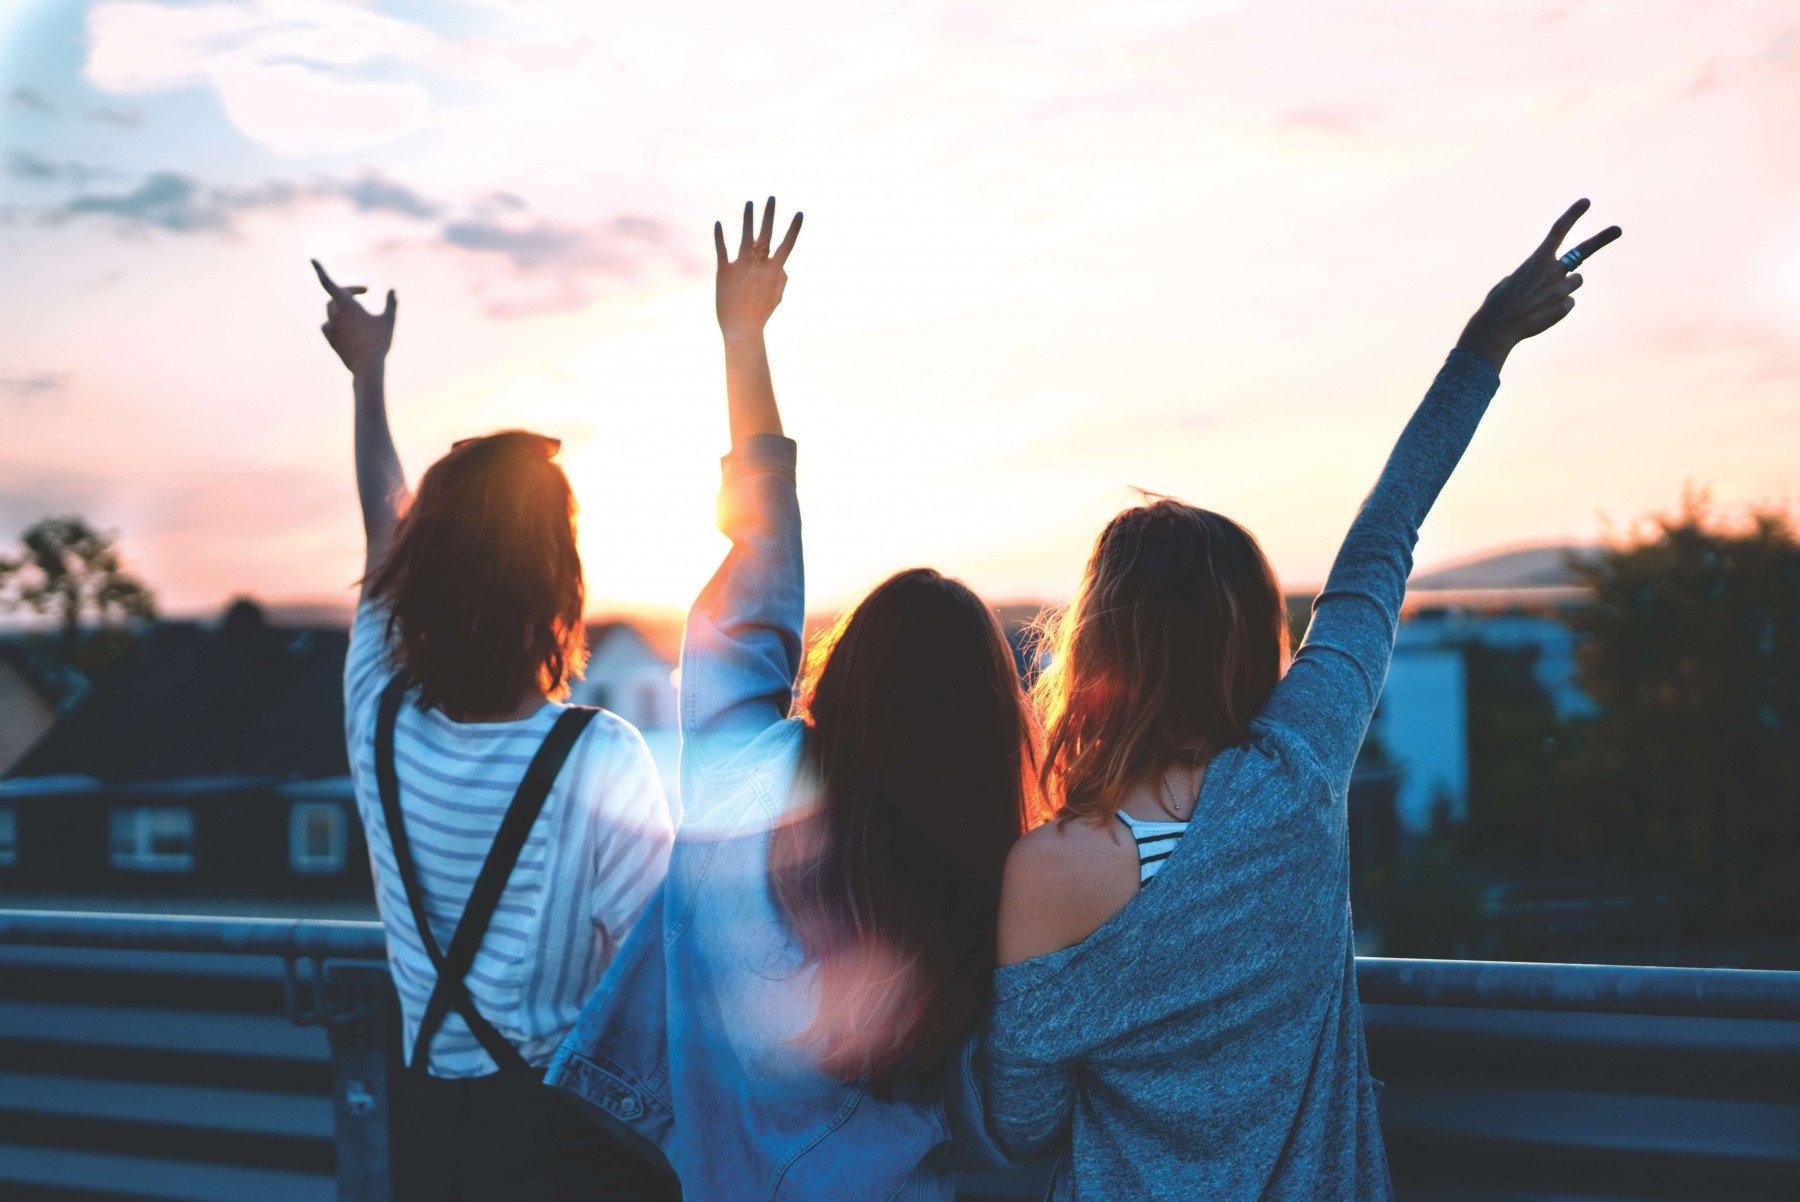 Tre ungdomar står och tittar ut över en solnedgång på en bro